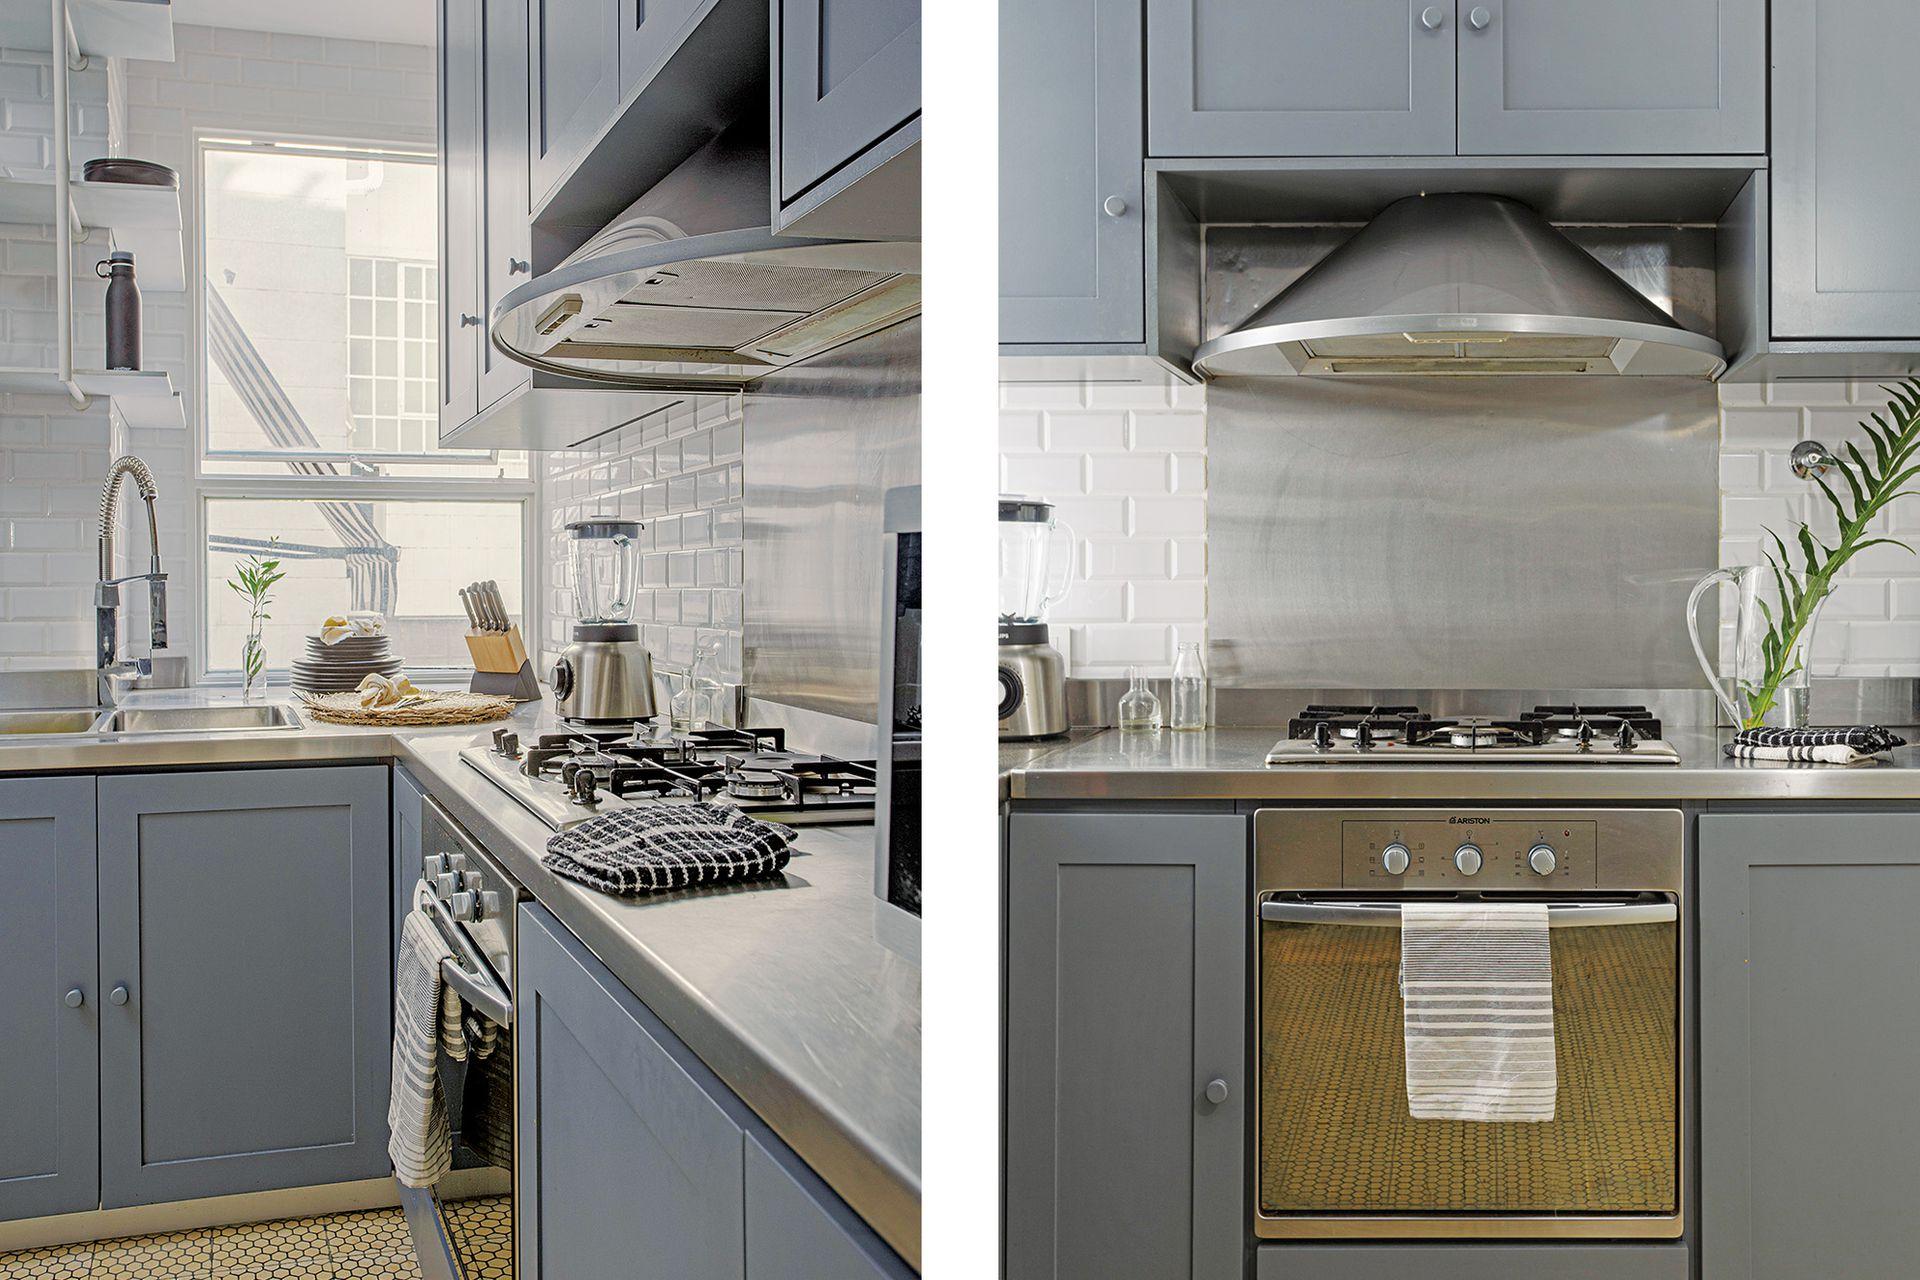 Cálida y funcional, la cocina tiene muebles a medida laqueados en azul grisáceo; mesada, alzada y campana de acero inoxidable; grifería extensible Robinet y azulejos 'Subway'.